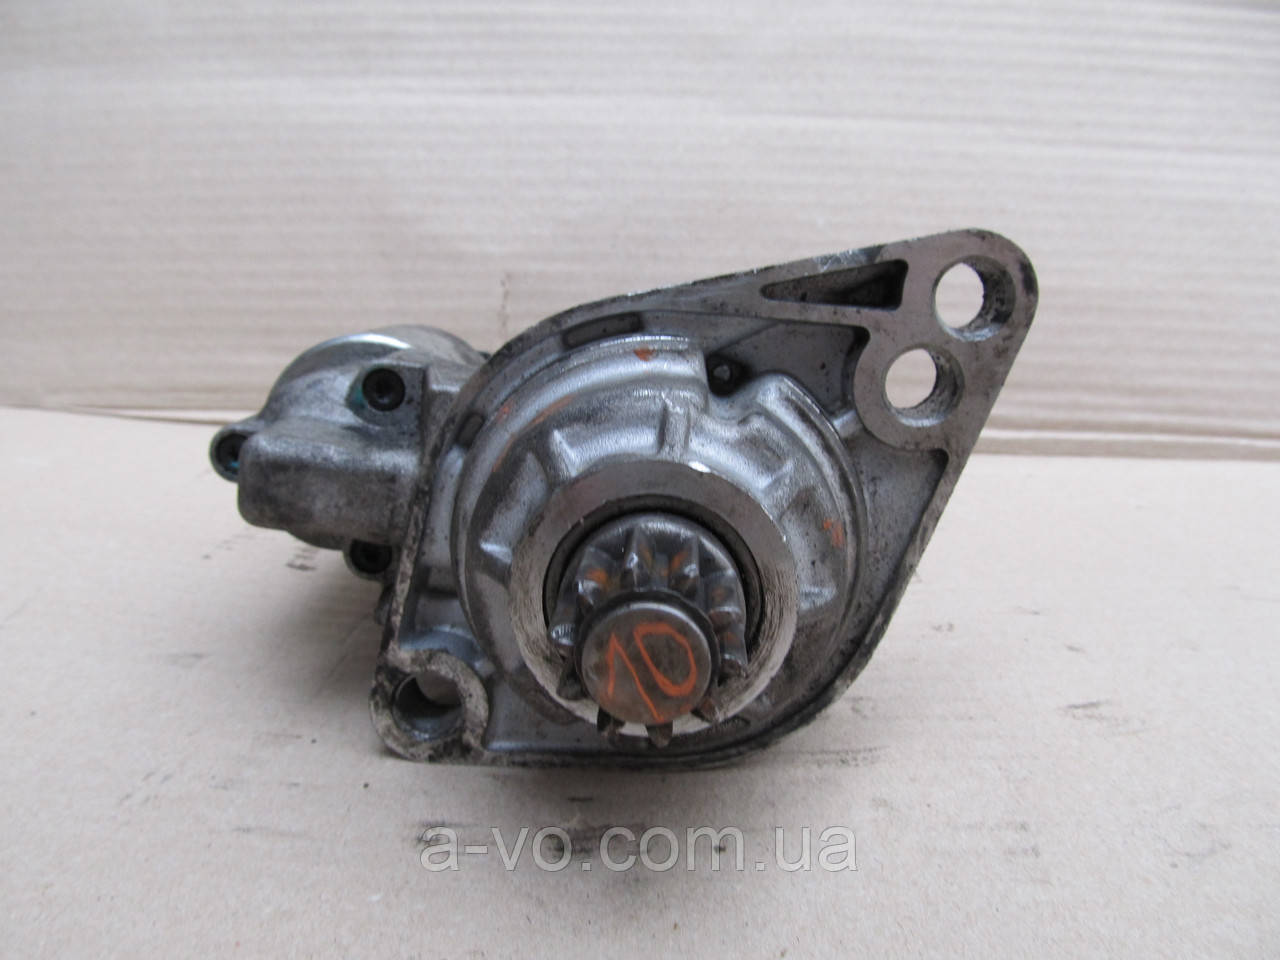 Стартер для VW Caddy 3 2.0SDi, 32688N